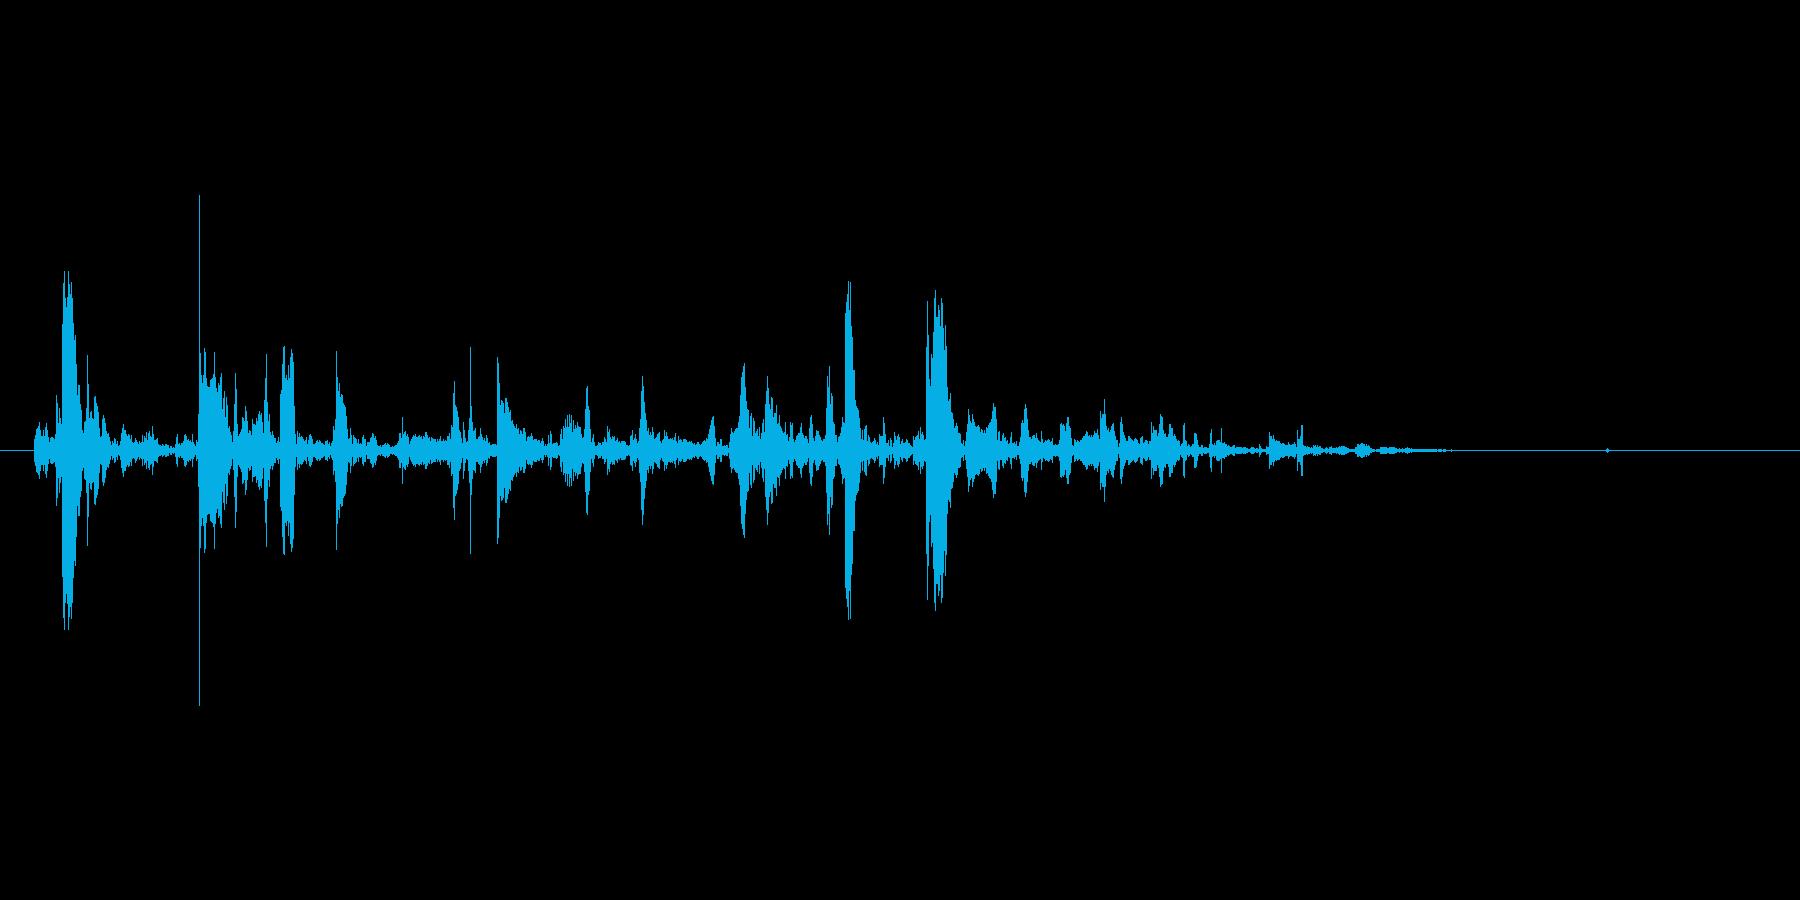 チョロロッ(水、じょうろ、少量)の再生済みの波形